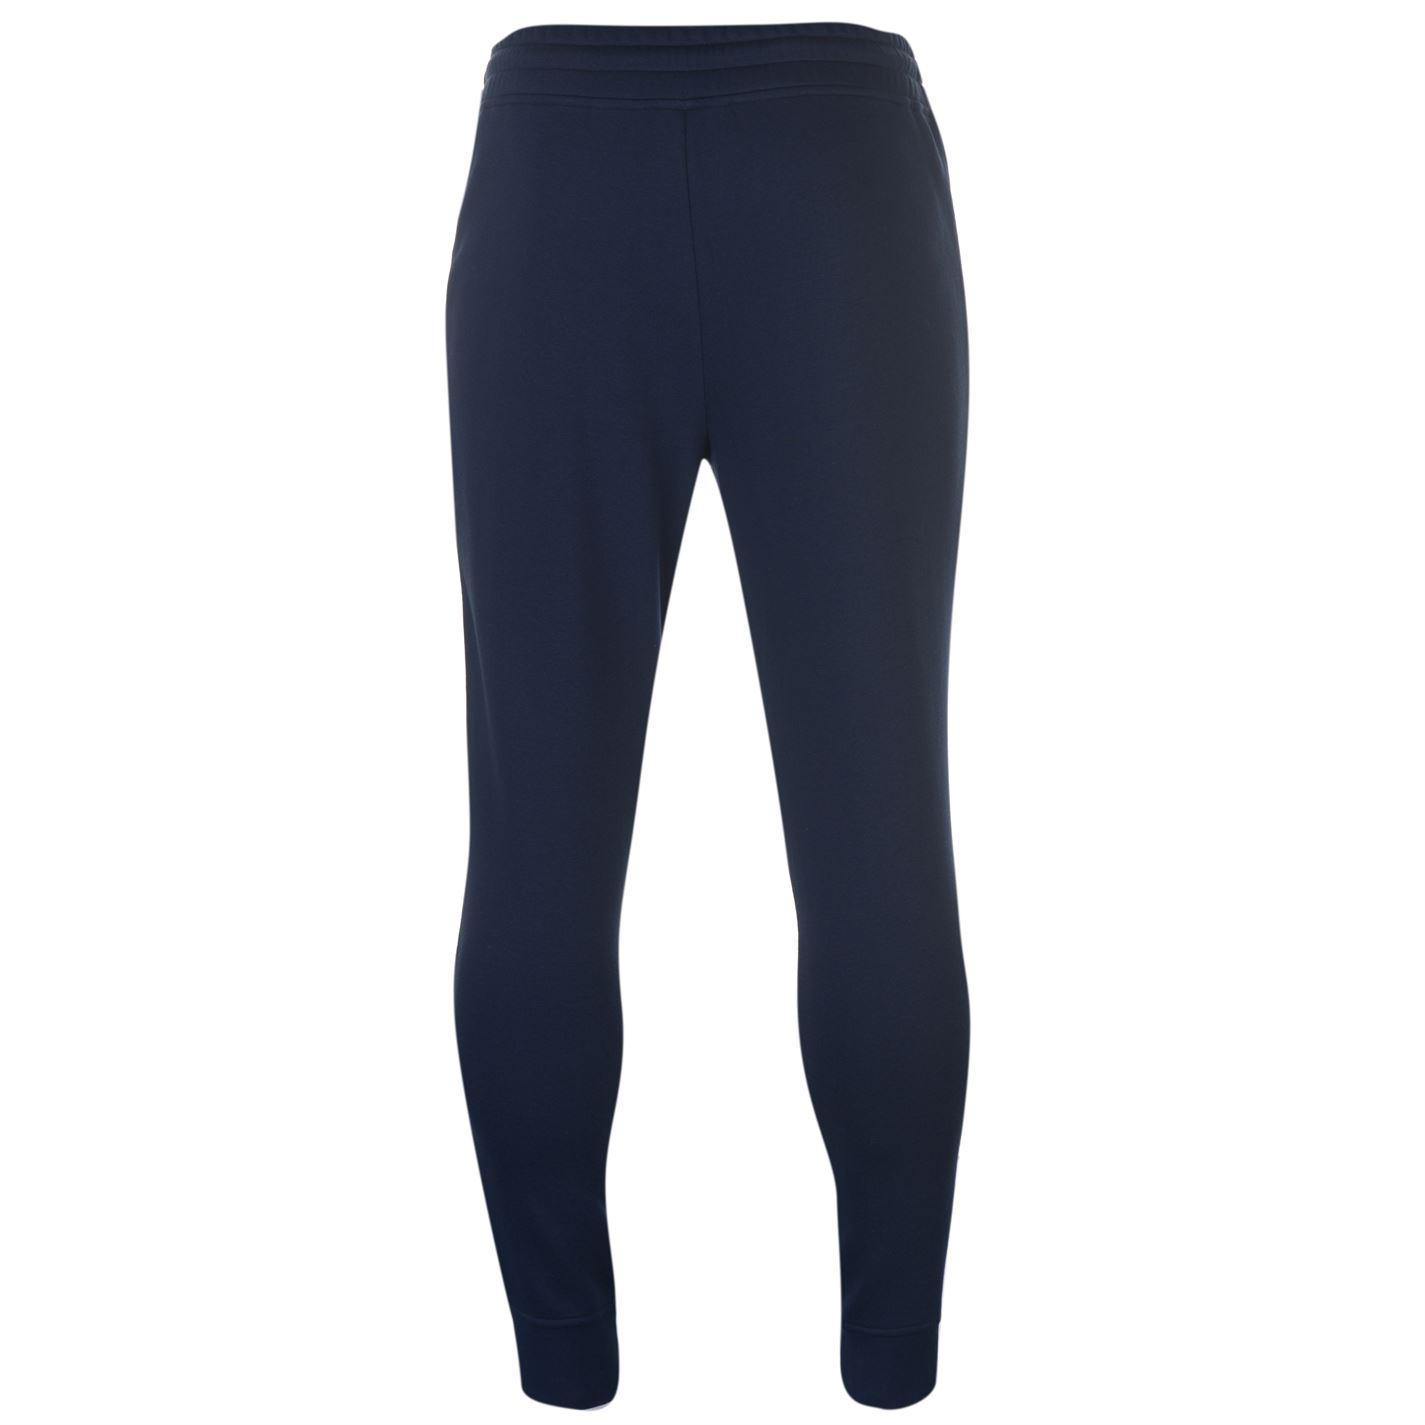 0c097cafffe820 Mens Jack and Jones Core UK Print Jogging Pants Fleece Bottoms ...